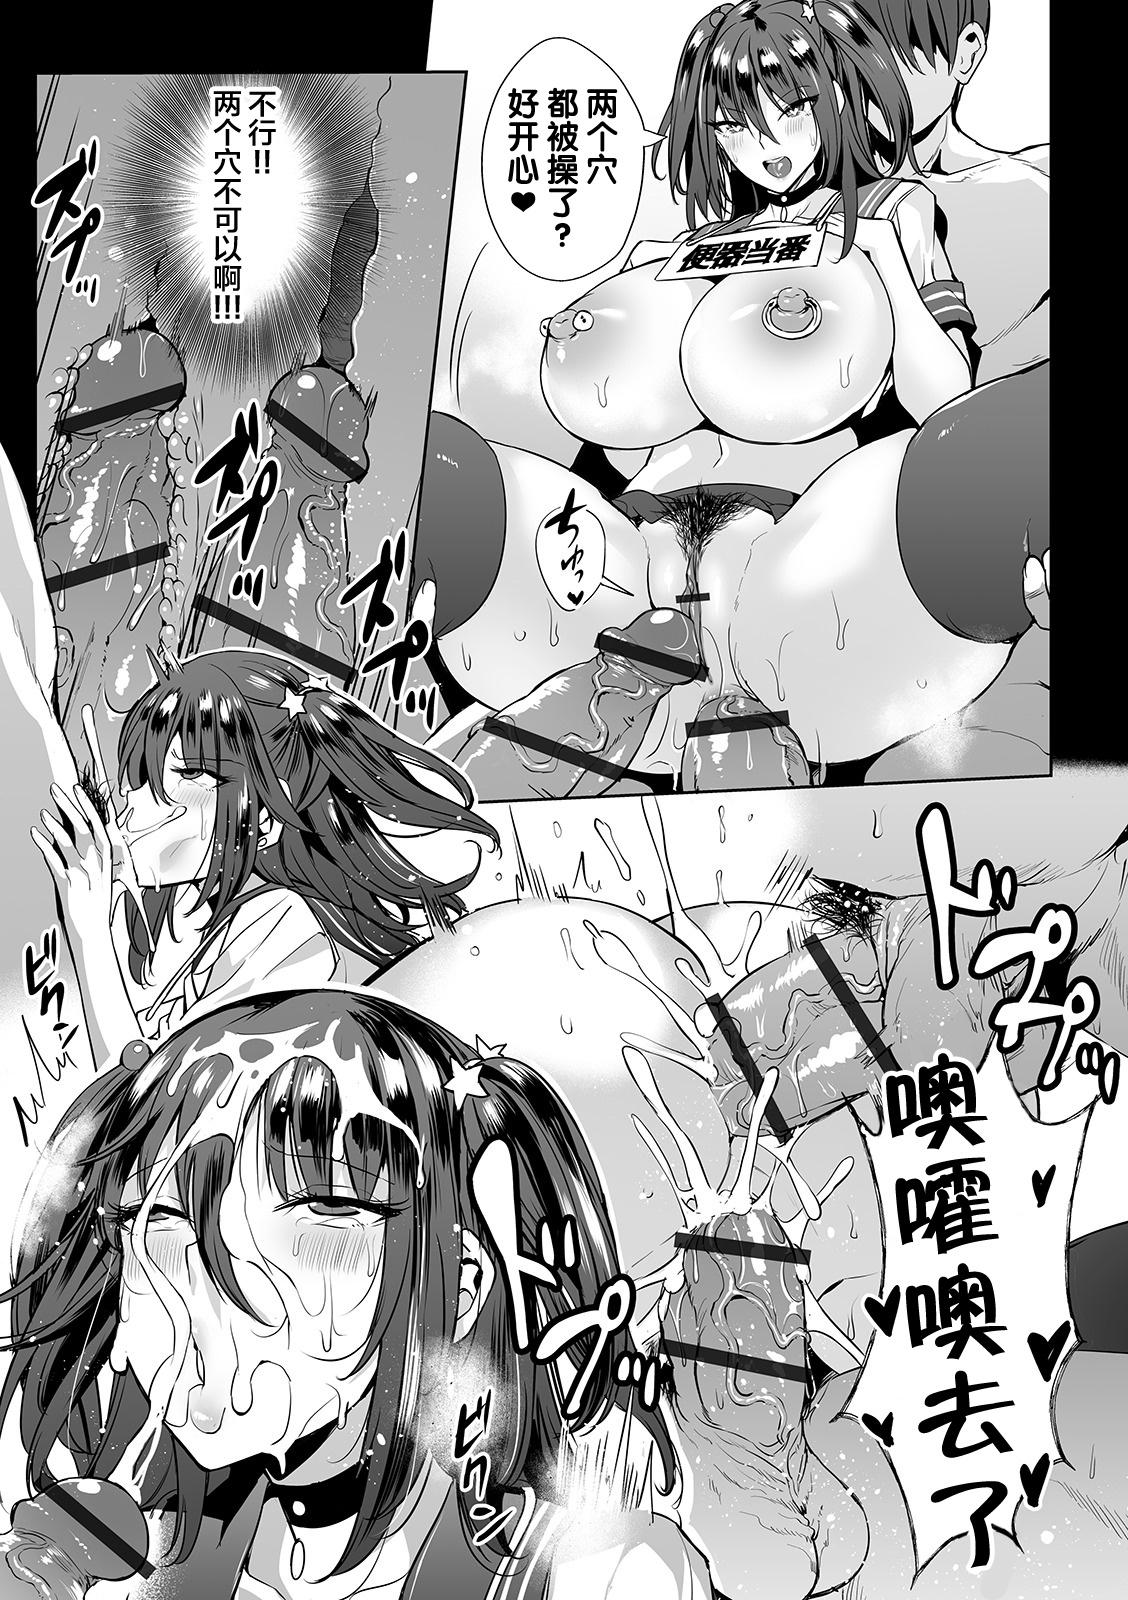 〖中文〗Onna Spy wa Nikubenki no Yume o Miru ka 女 肉便器 梦见 3